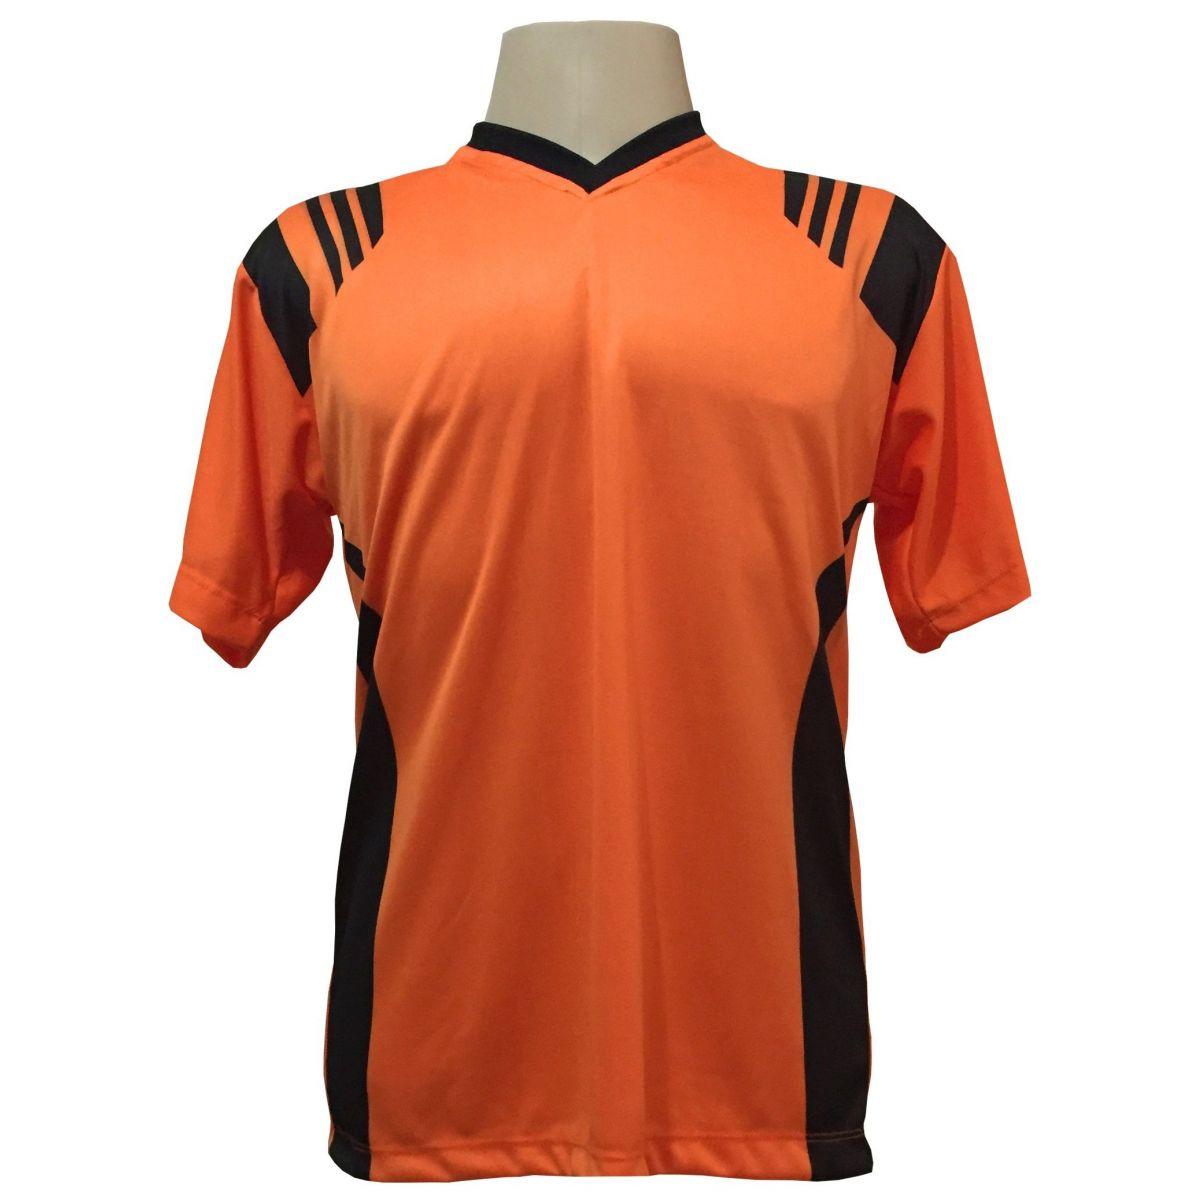 Uniforme Esportivo com 18 camisas modelo Roma Laranja/Preto + 18 calções modelo Madrid Preto + 18 pares de meiões Preto